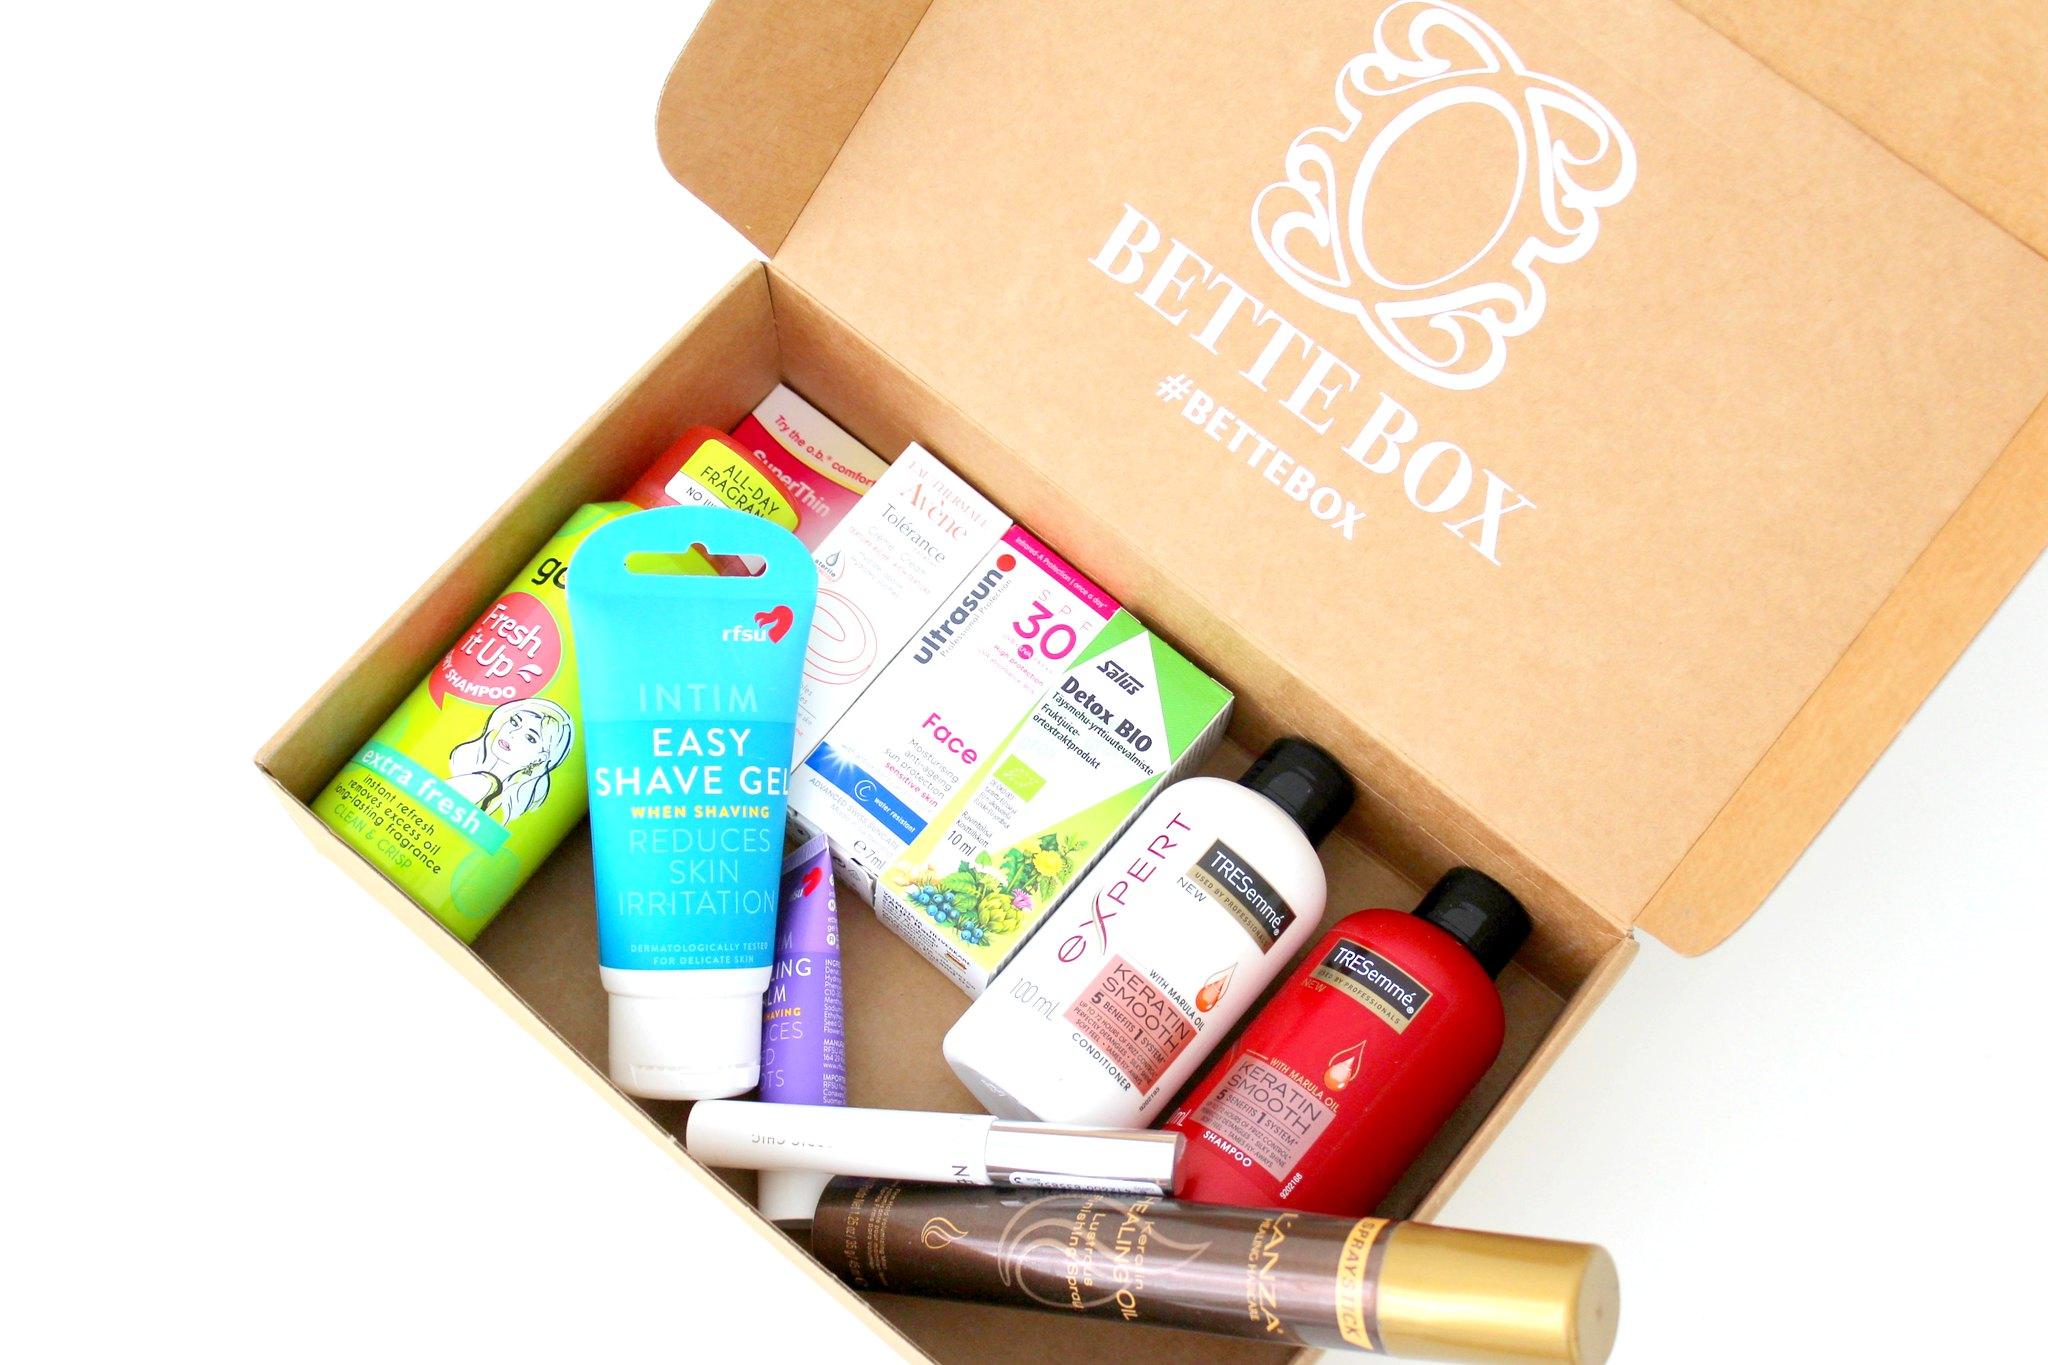 Bettebox blogi